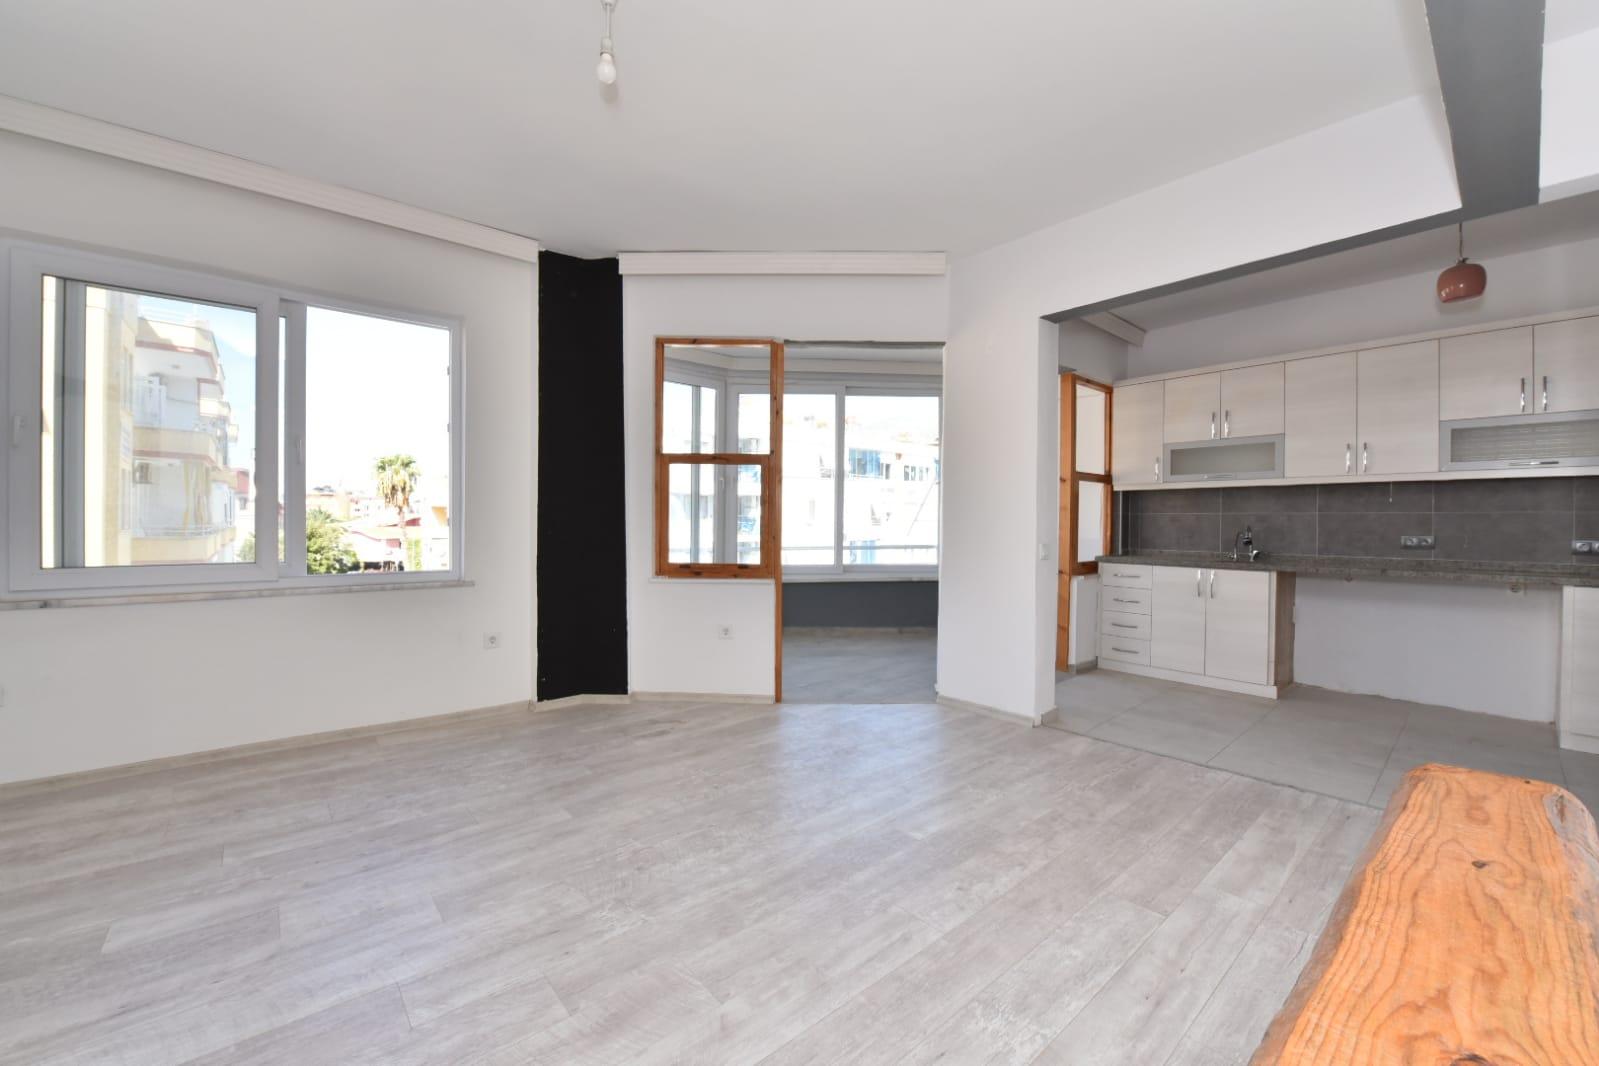 Трёхкомнатная квартира у пляжа Клеопатры по очень приятной цене - Фото 11